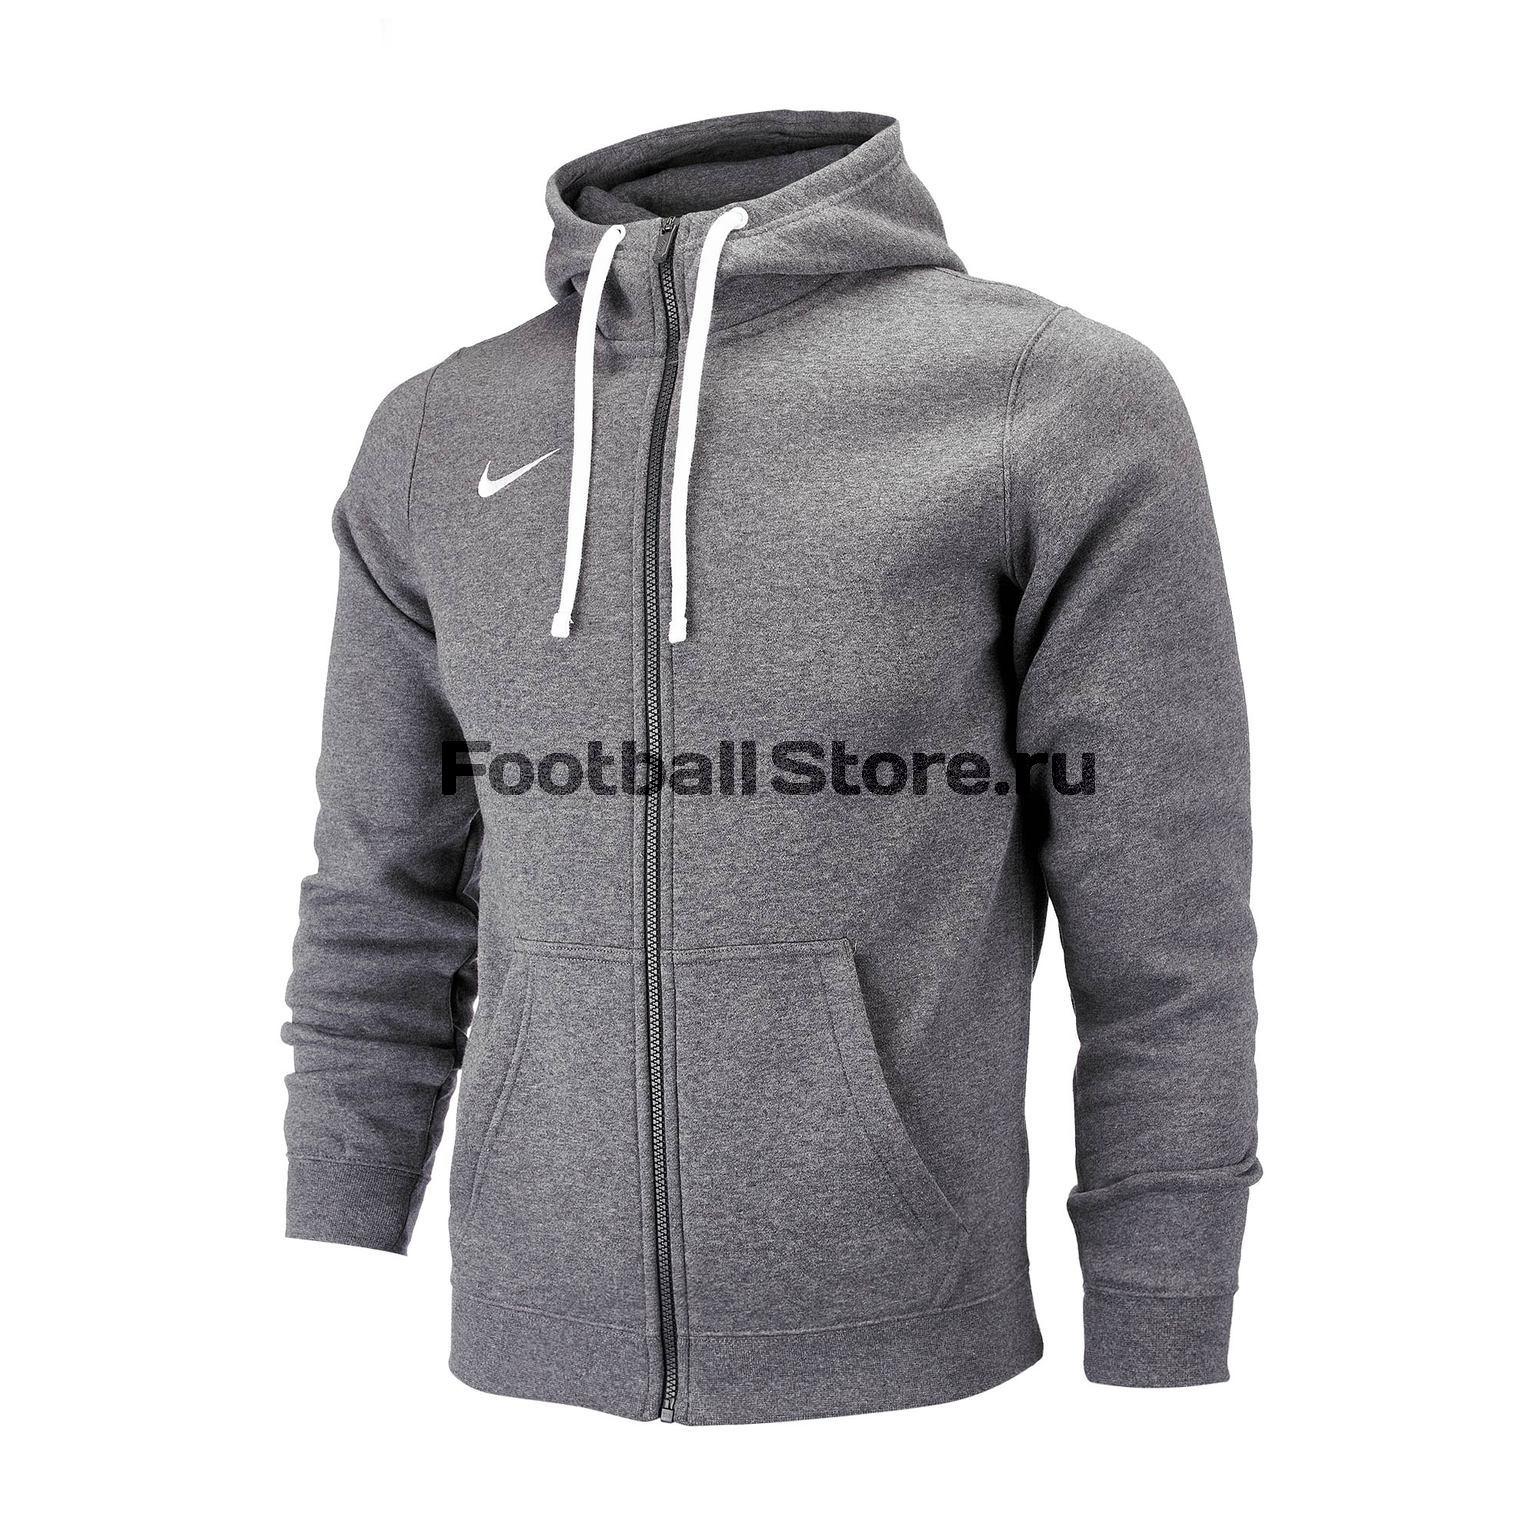 Толстовка Nike Hoodie FZ FLC Club19 AJ1313-071 цена